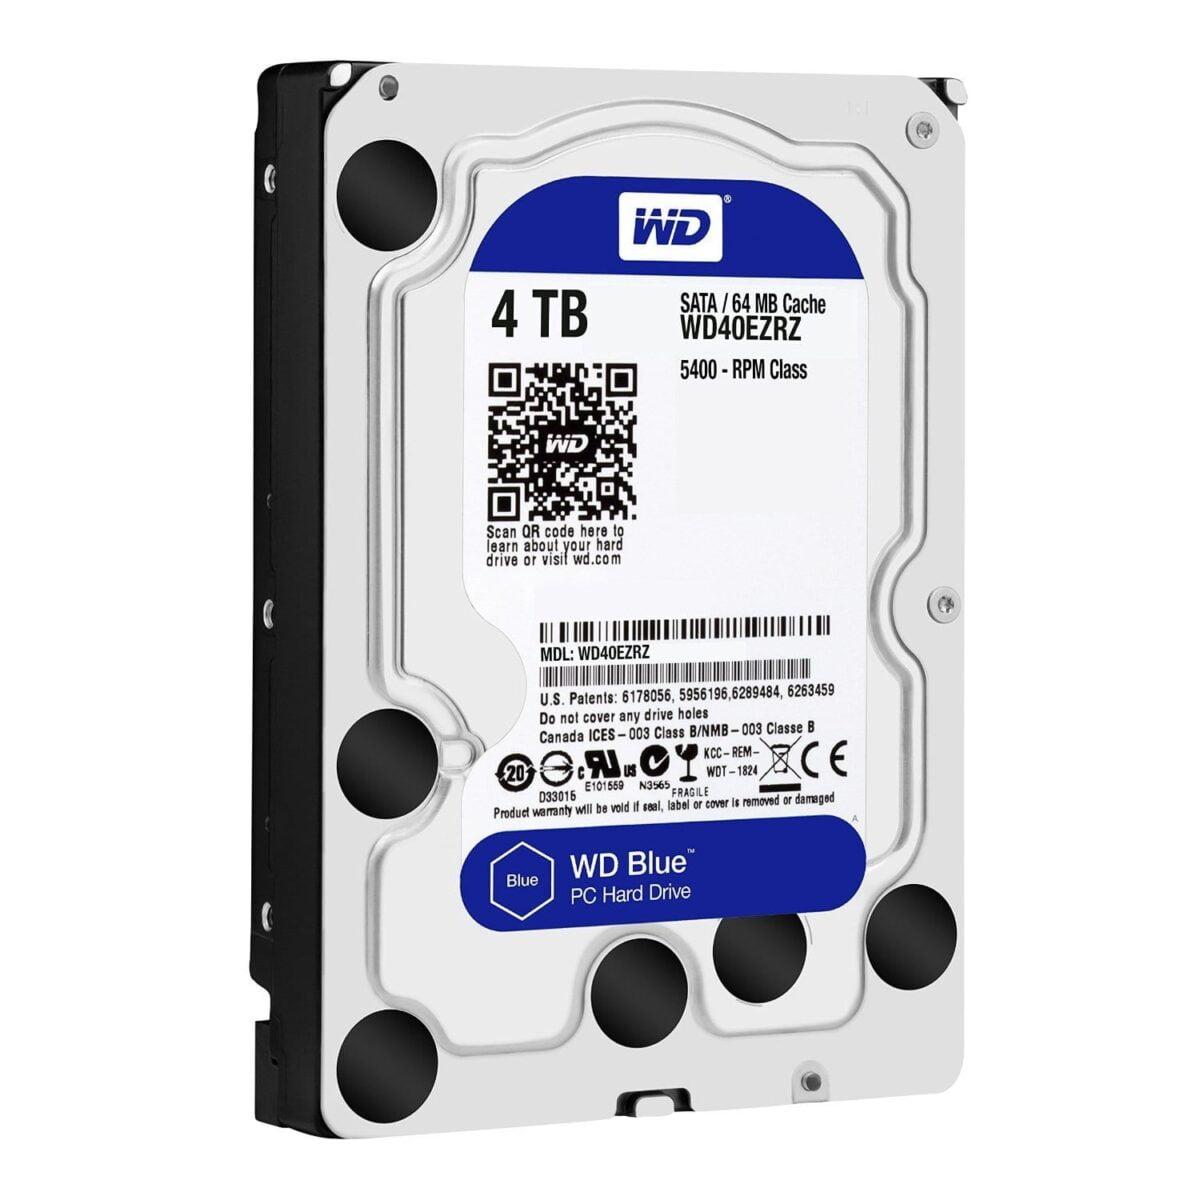 WD Blue 4TB 3.5 SATA 64MB